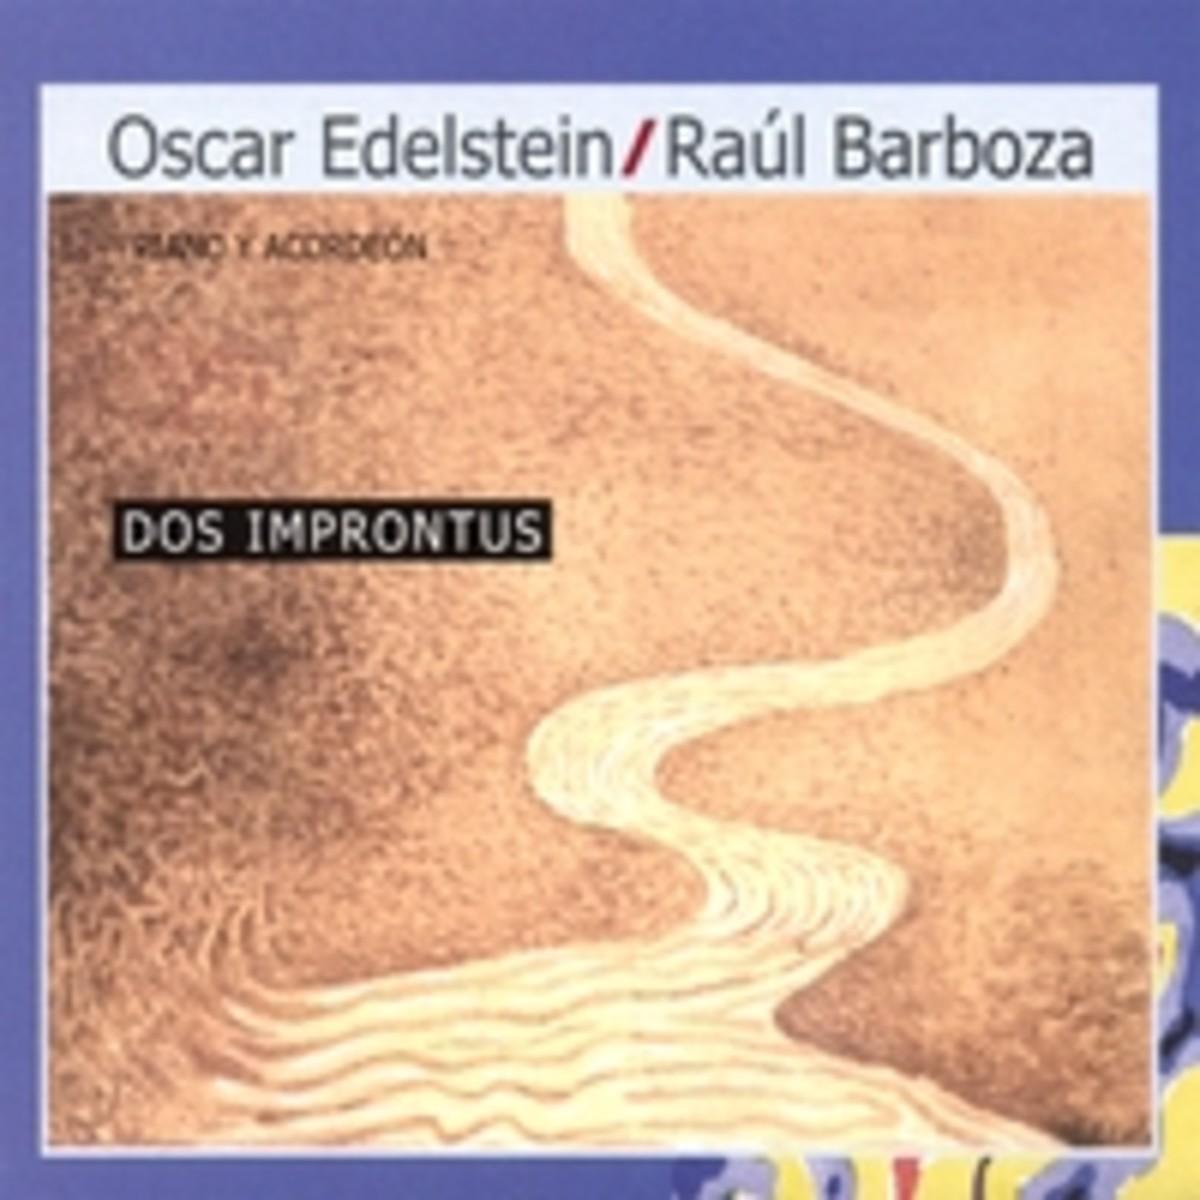 Dos Improntus - Oscar Edelstein & Raúl Barboza